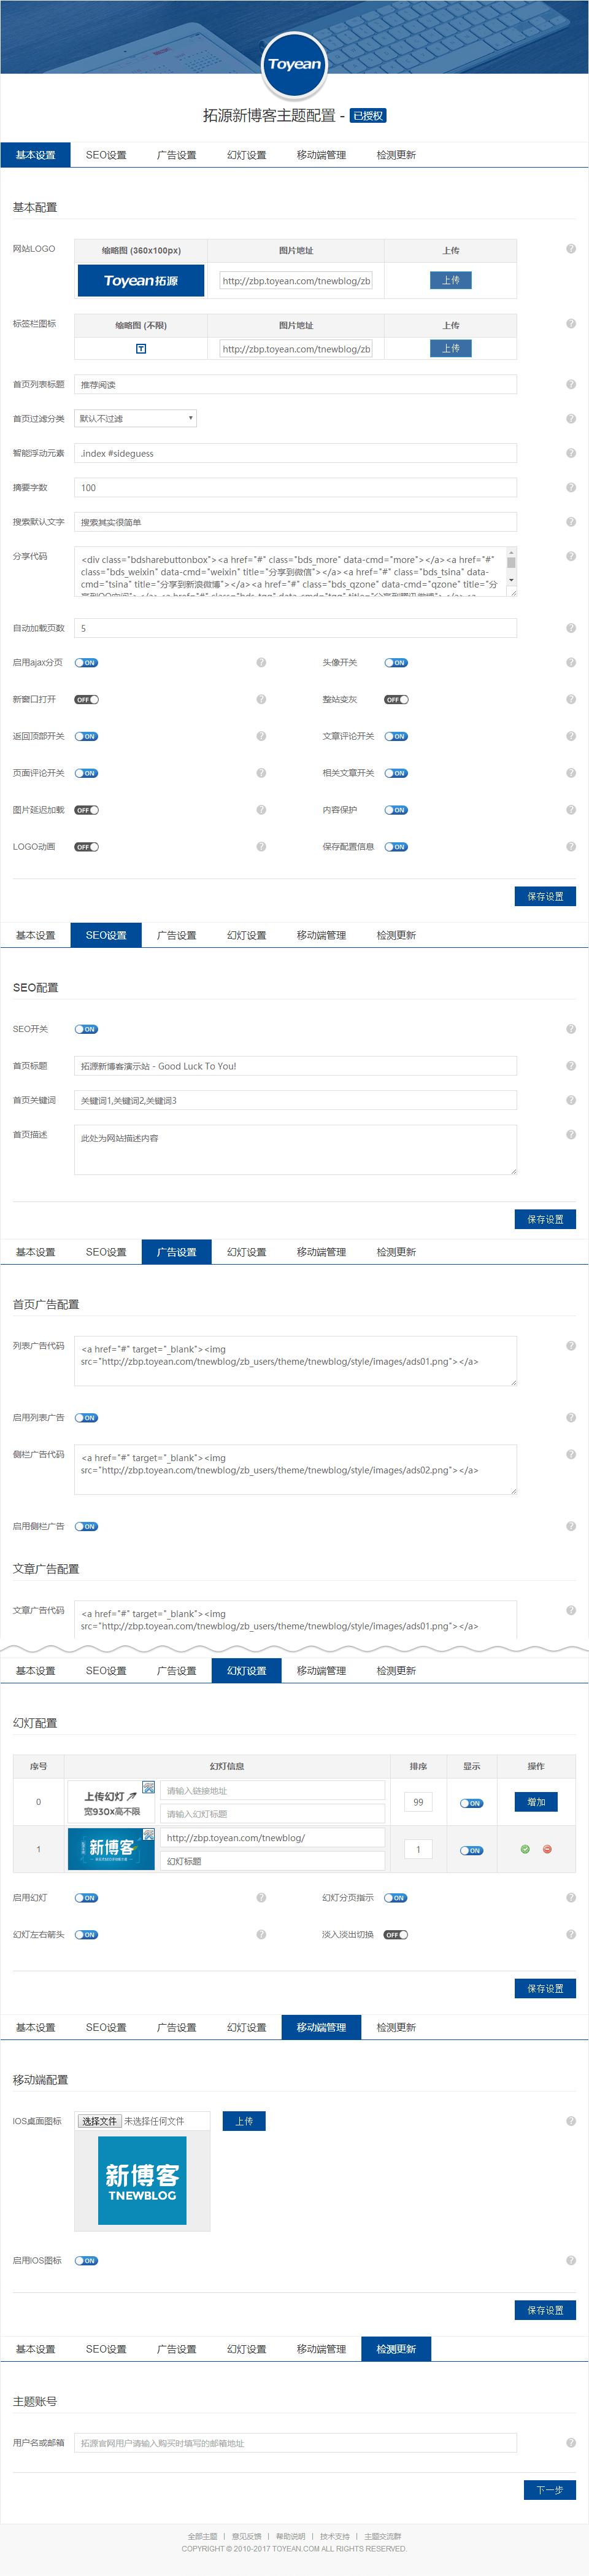 """拓源""""新博客""""主题发布"""